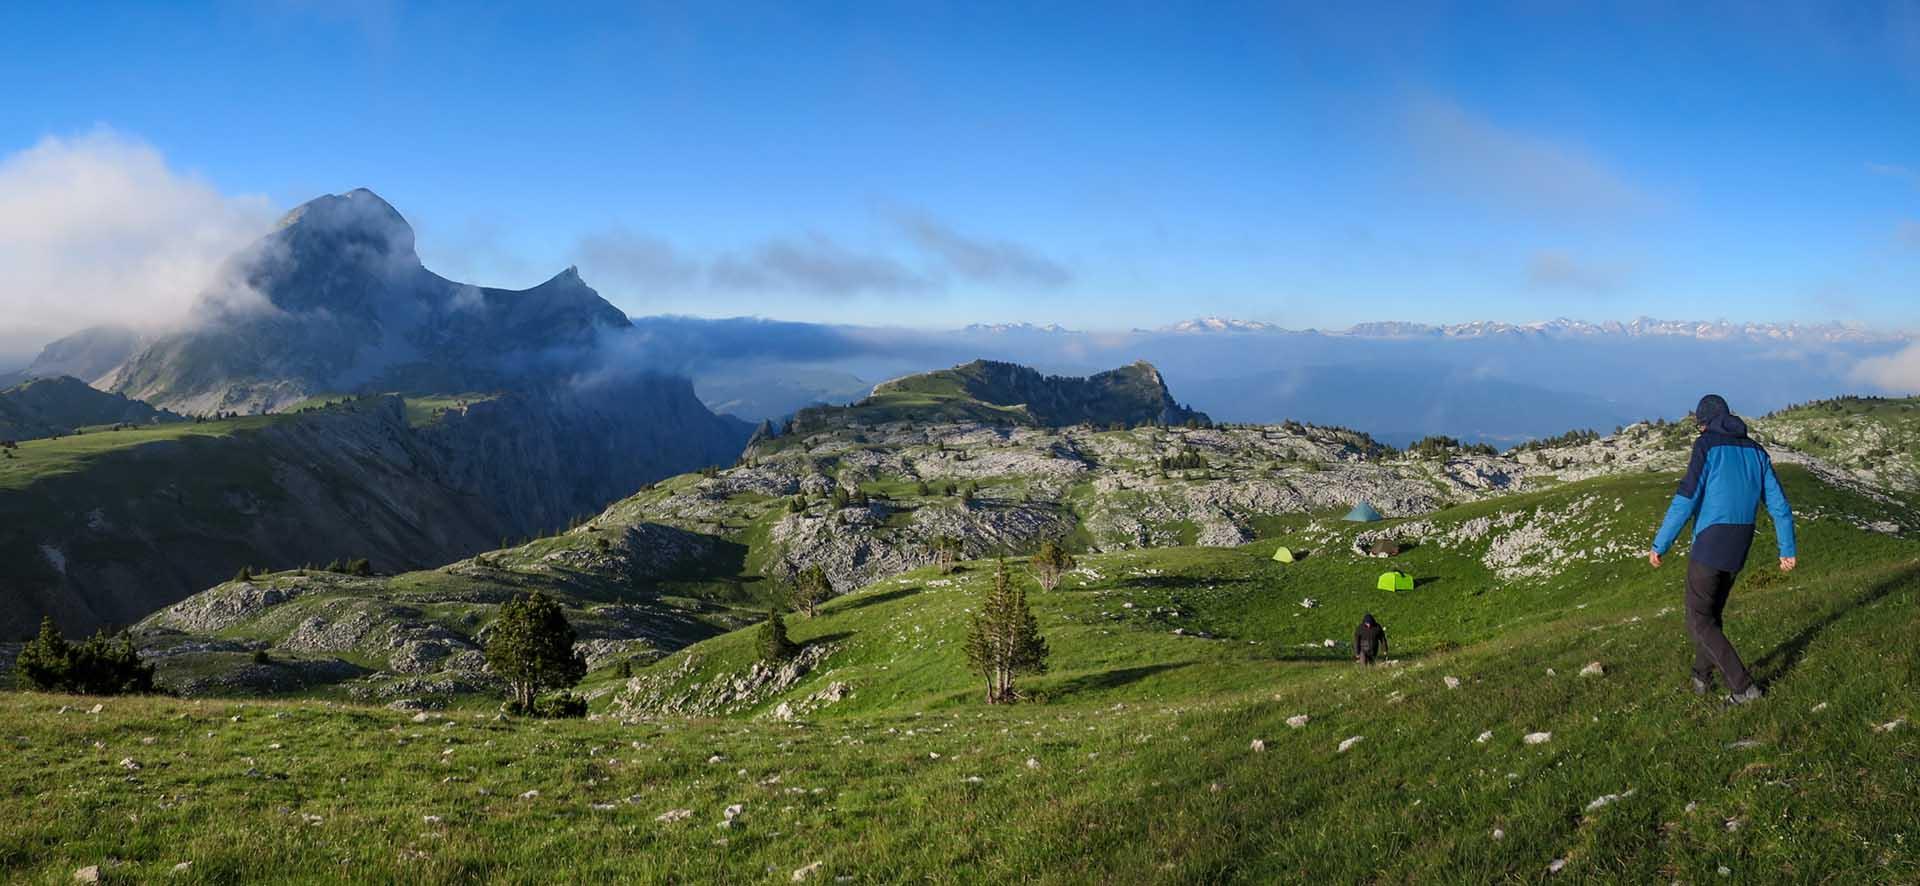 Bivouac Tente Tipi Grand Veymont Hauts Plateaux Vercors Itinerance Sejour Trek Tente Slow Rando